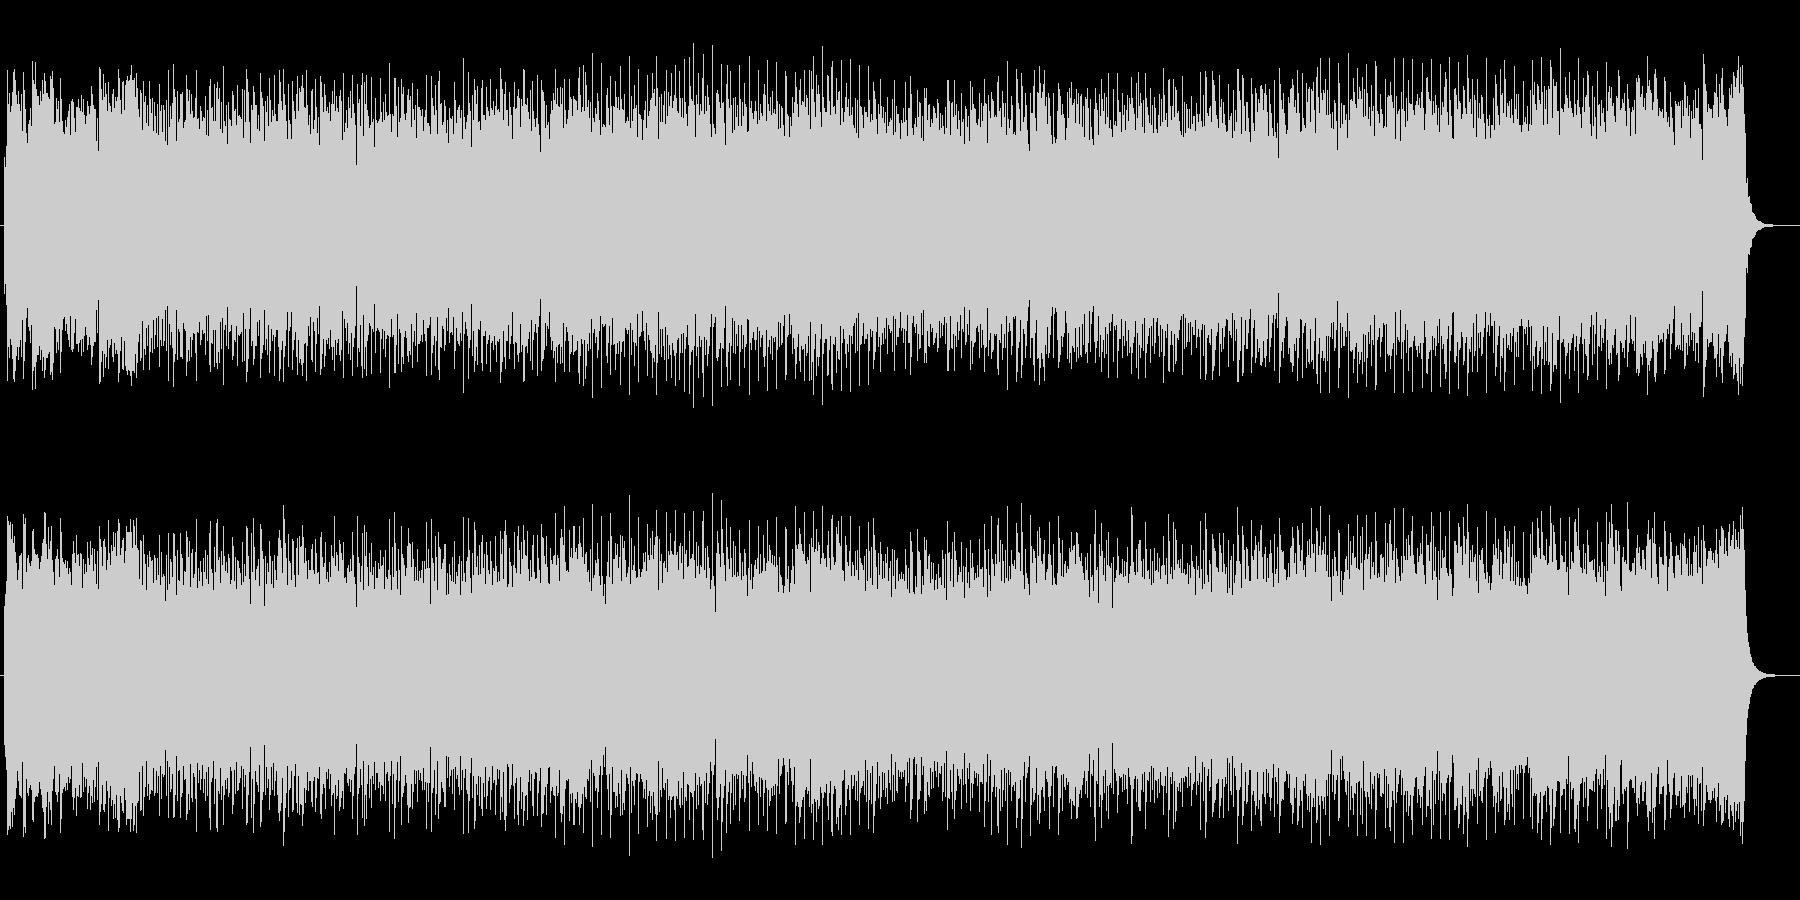 シンセサイザーのわくわくするポップスの未再生の波形